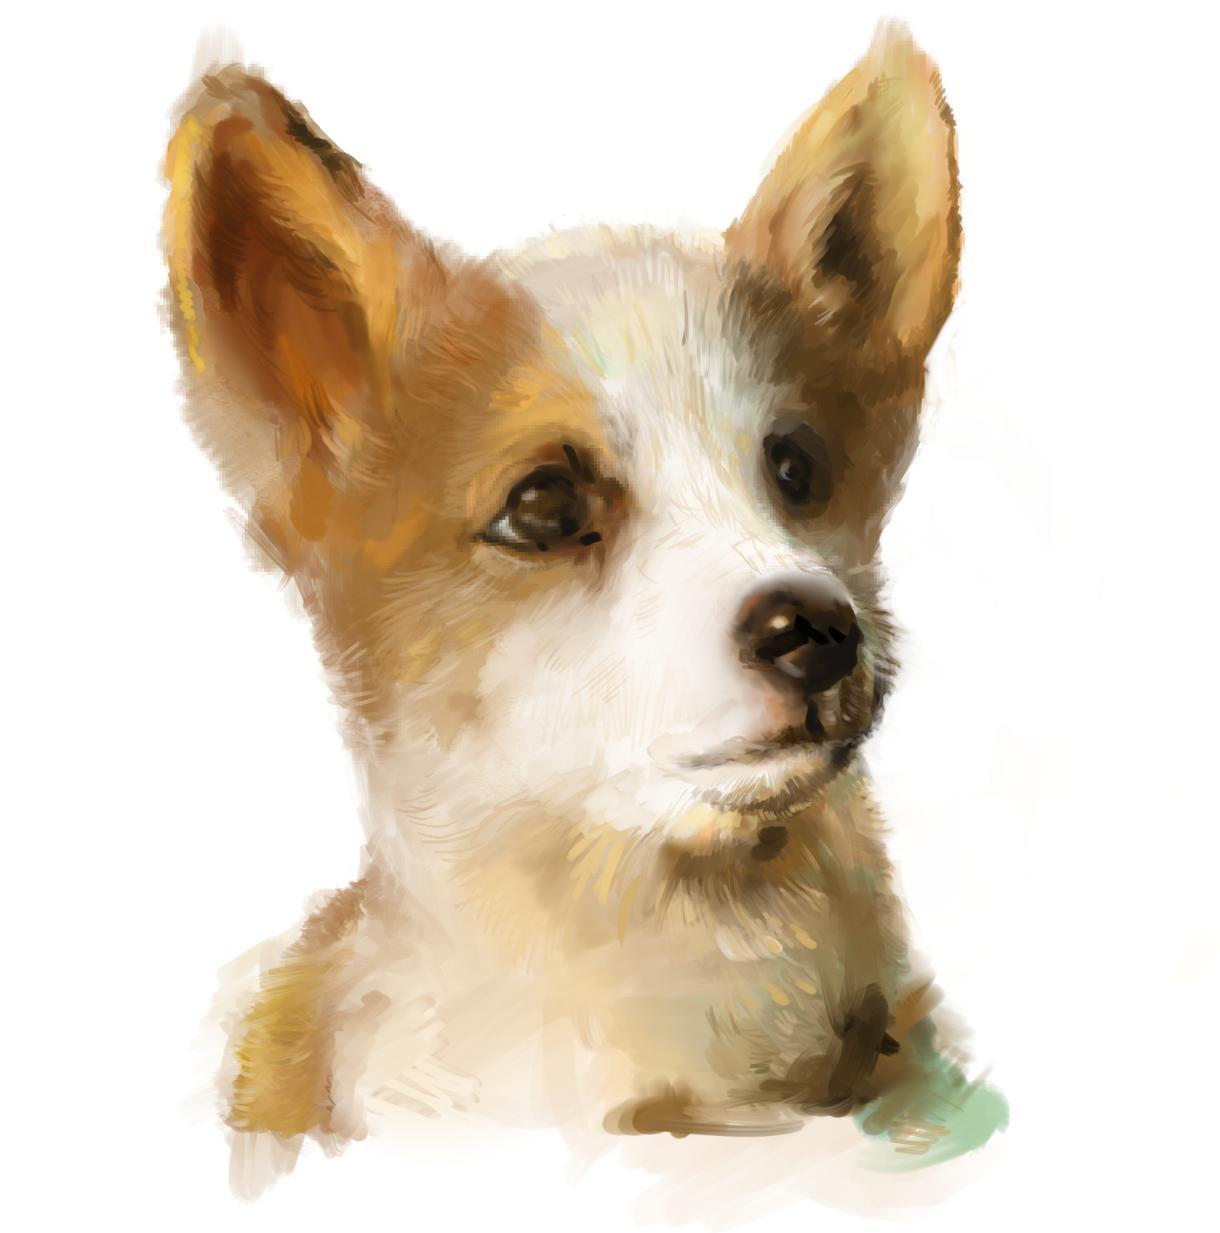 かわいいペットや動物のリアルイラストを描きます プレゼントやお部屋のインテリアにいかがでしょうか? イメージ1